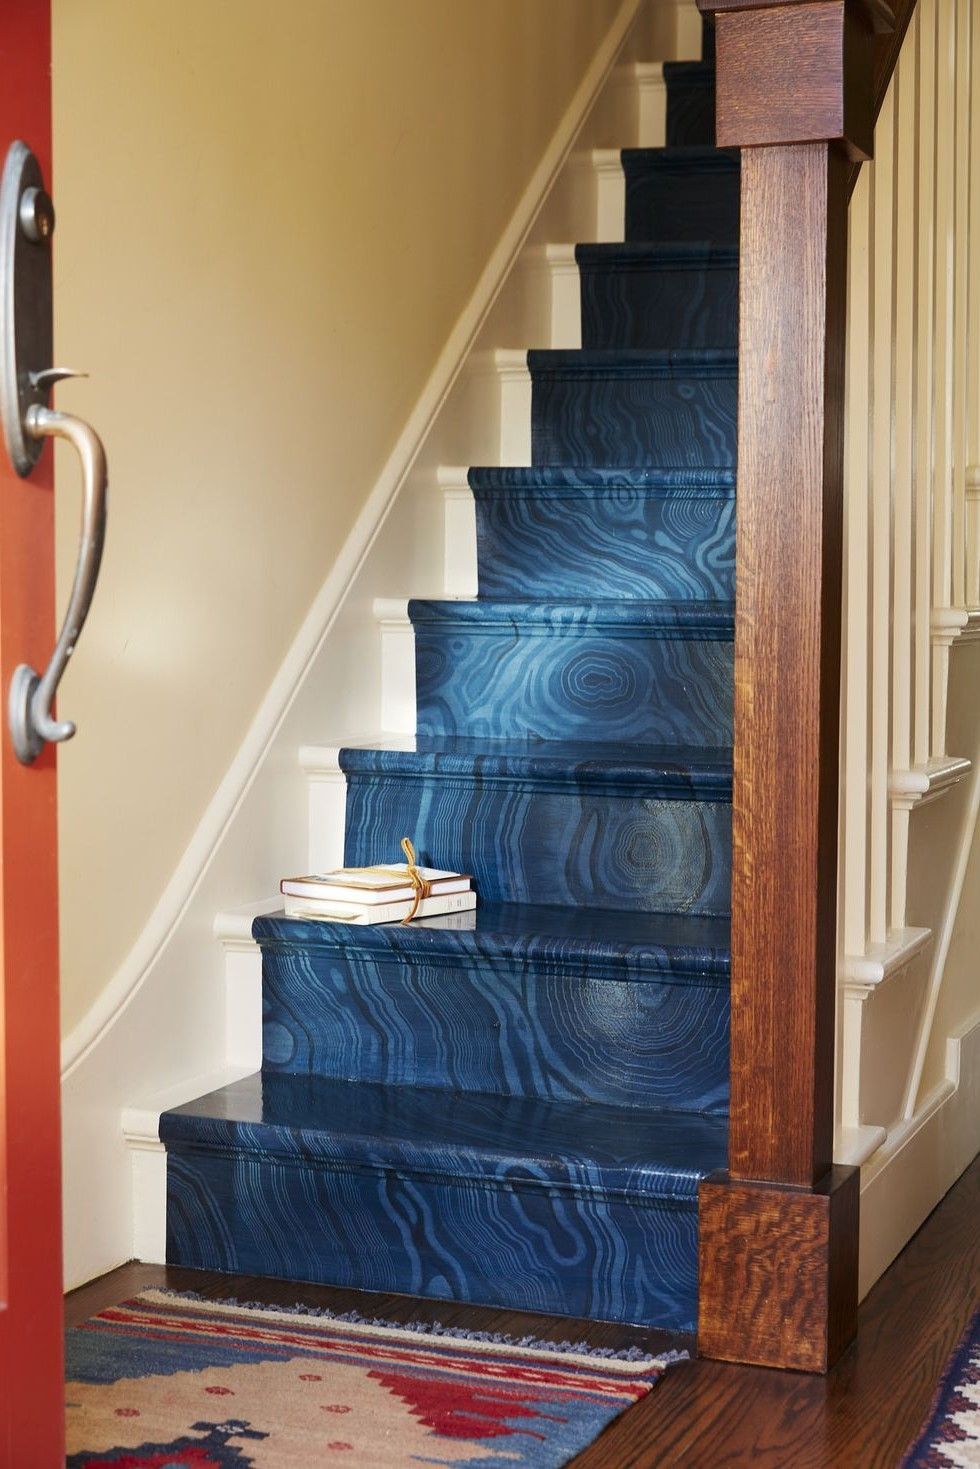 De l'eau chaude et un peu de savon à vaisselle enlèveront sûrement la saleté de vos escaliers.